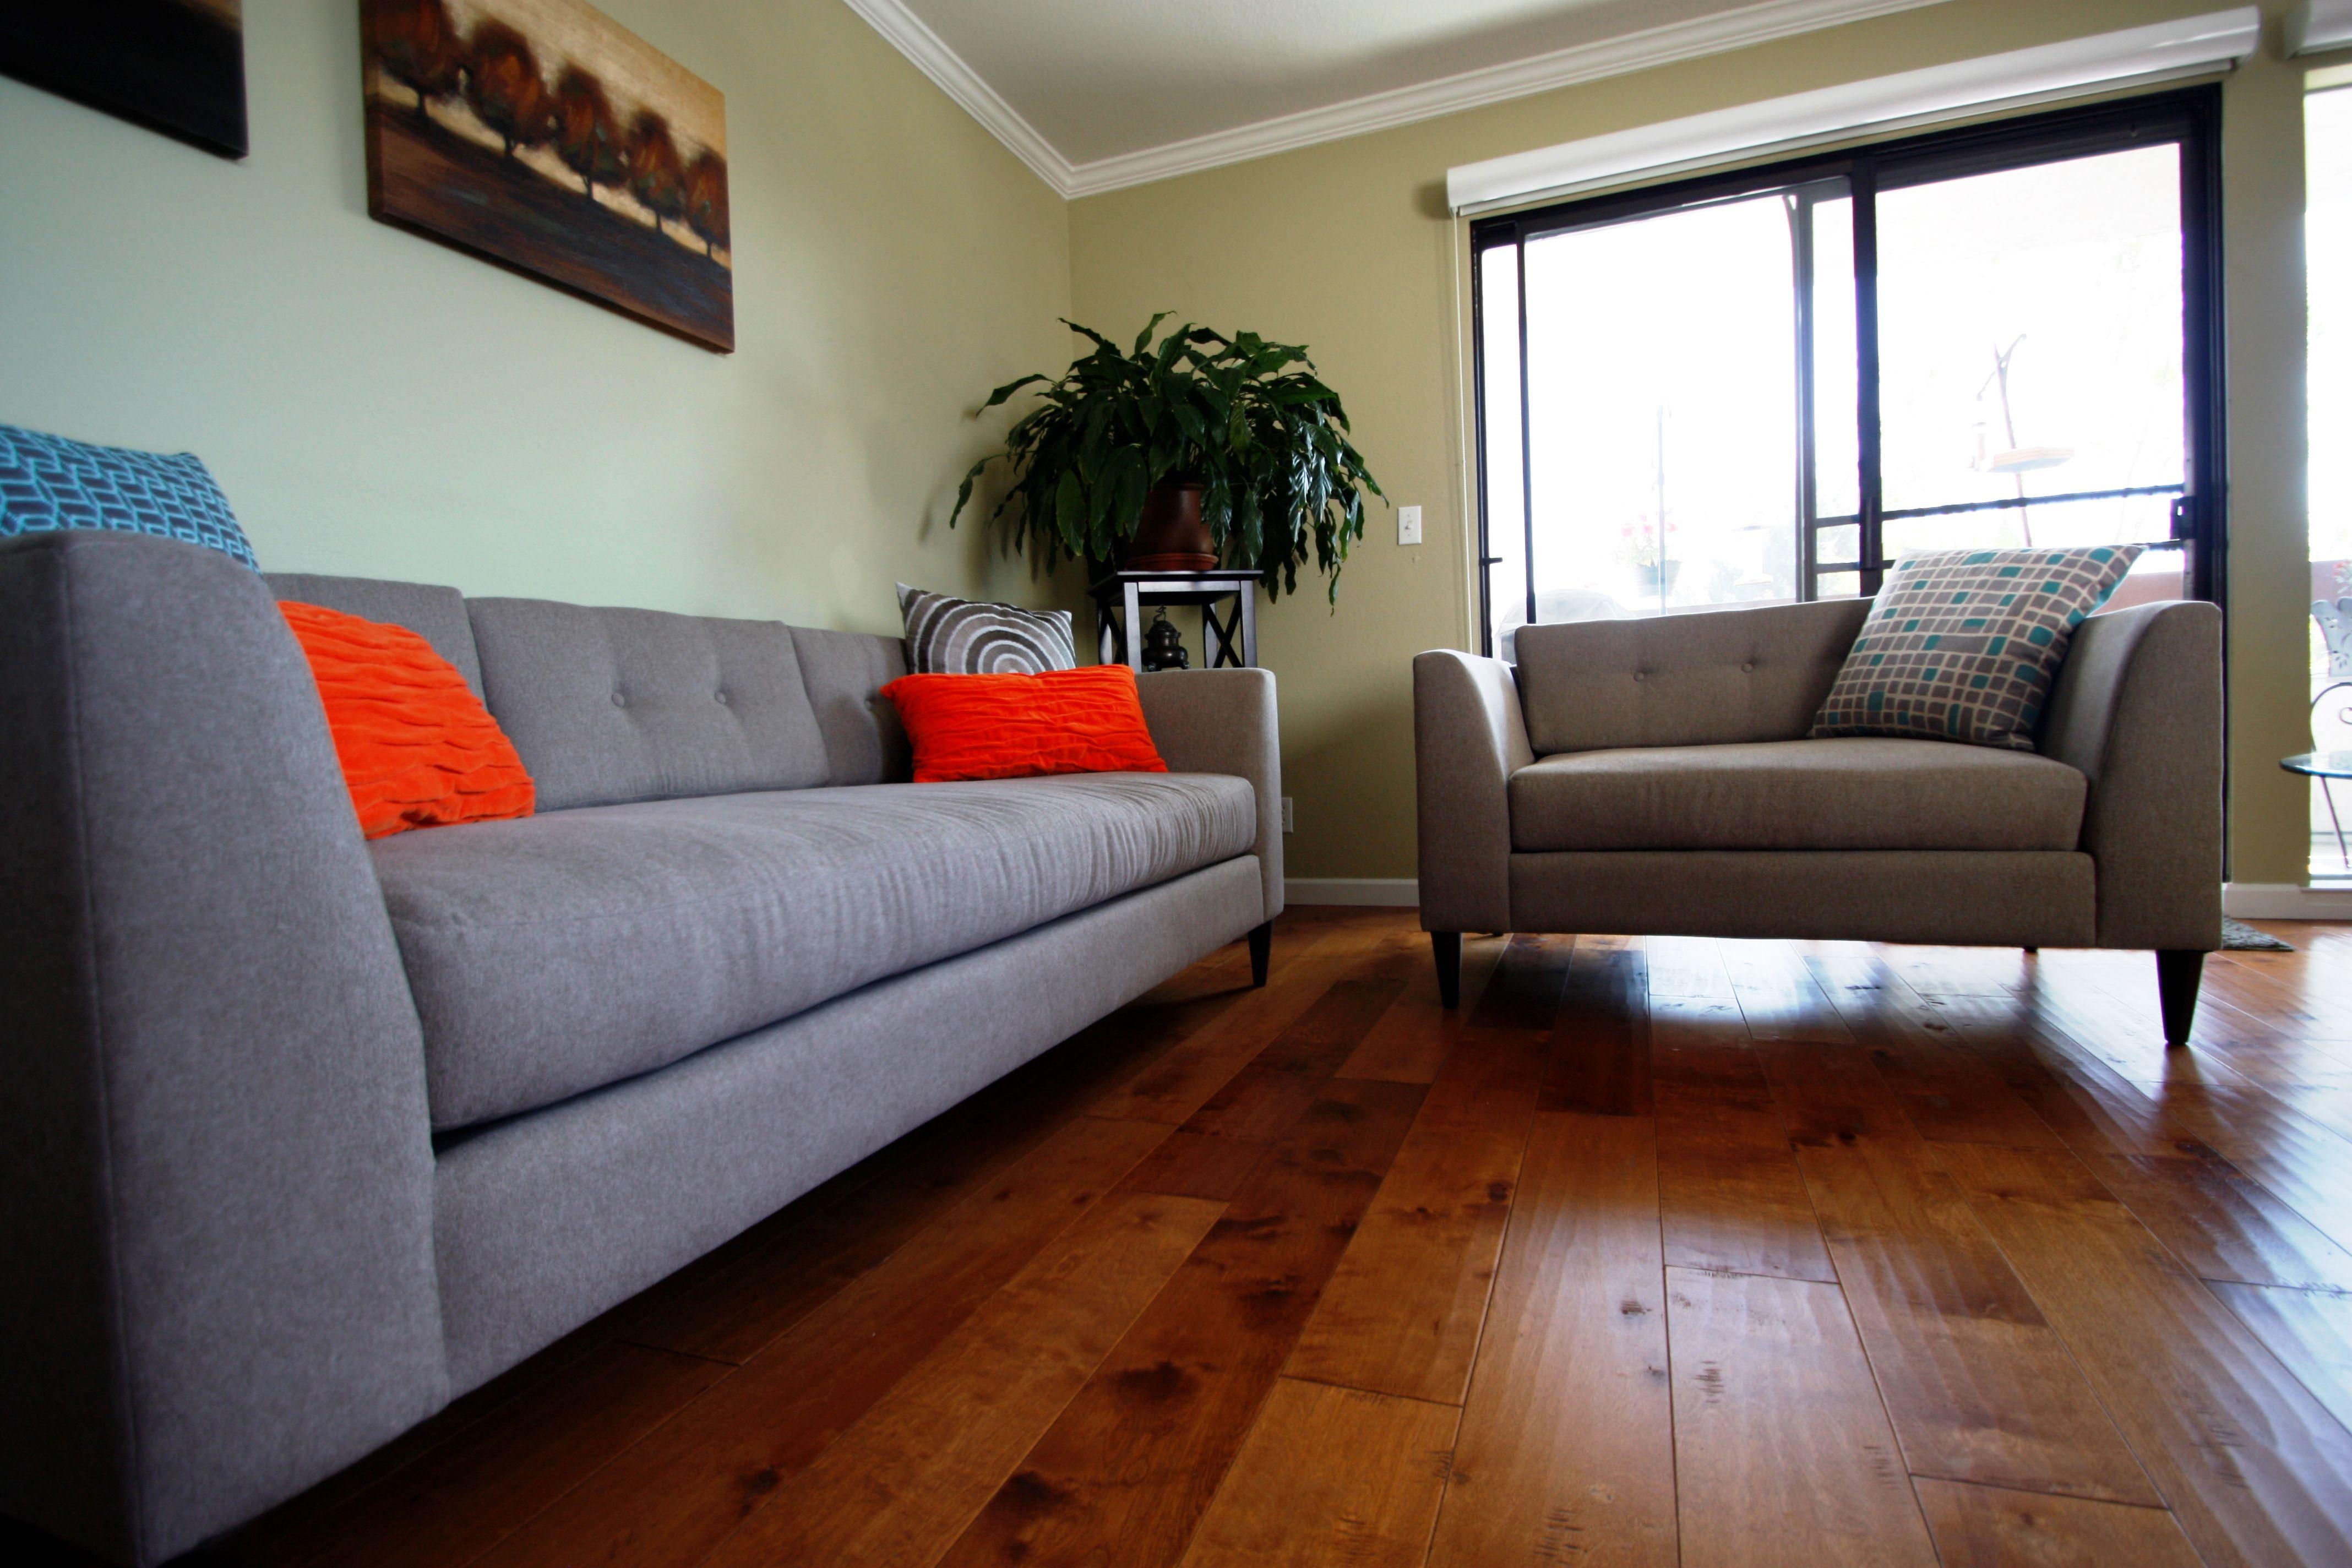 Pin by The Sofa Company on Contemporary Sofas | Sofa company ...